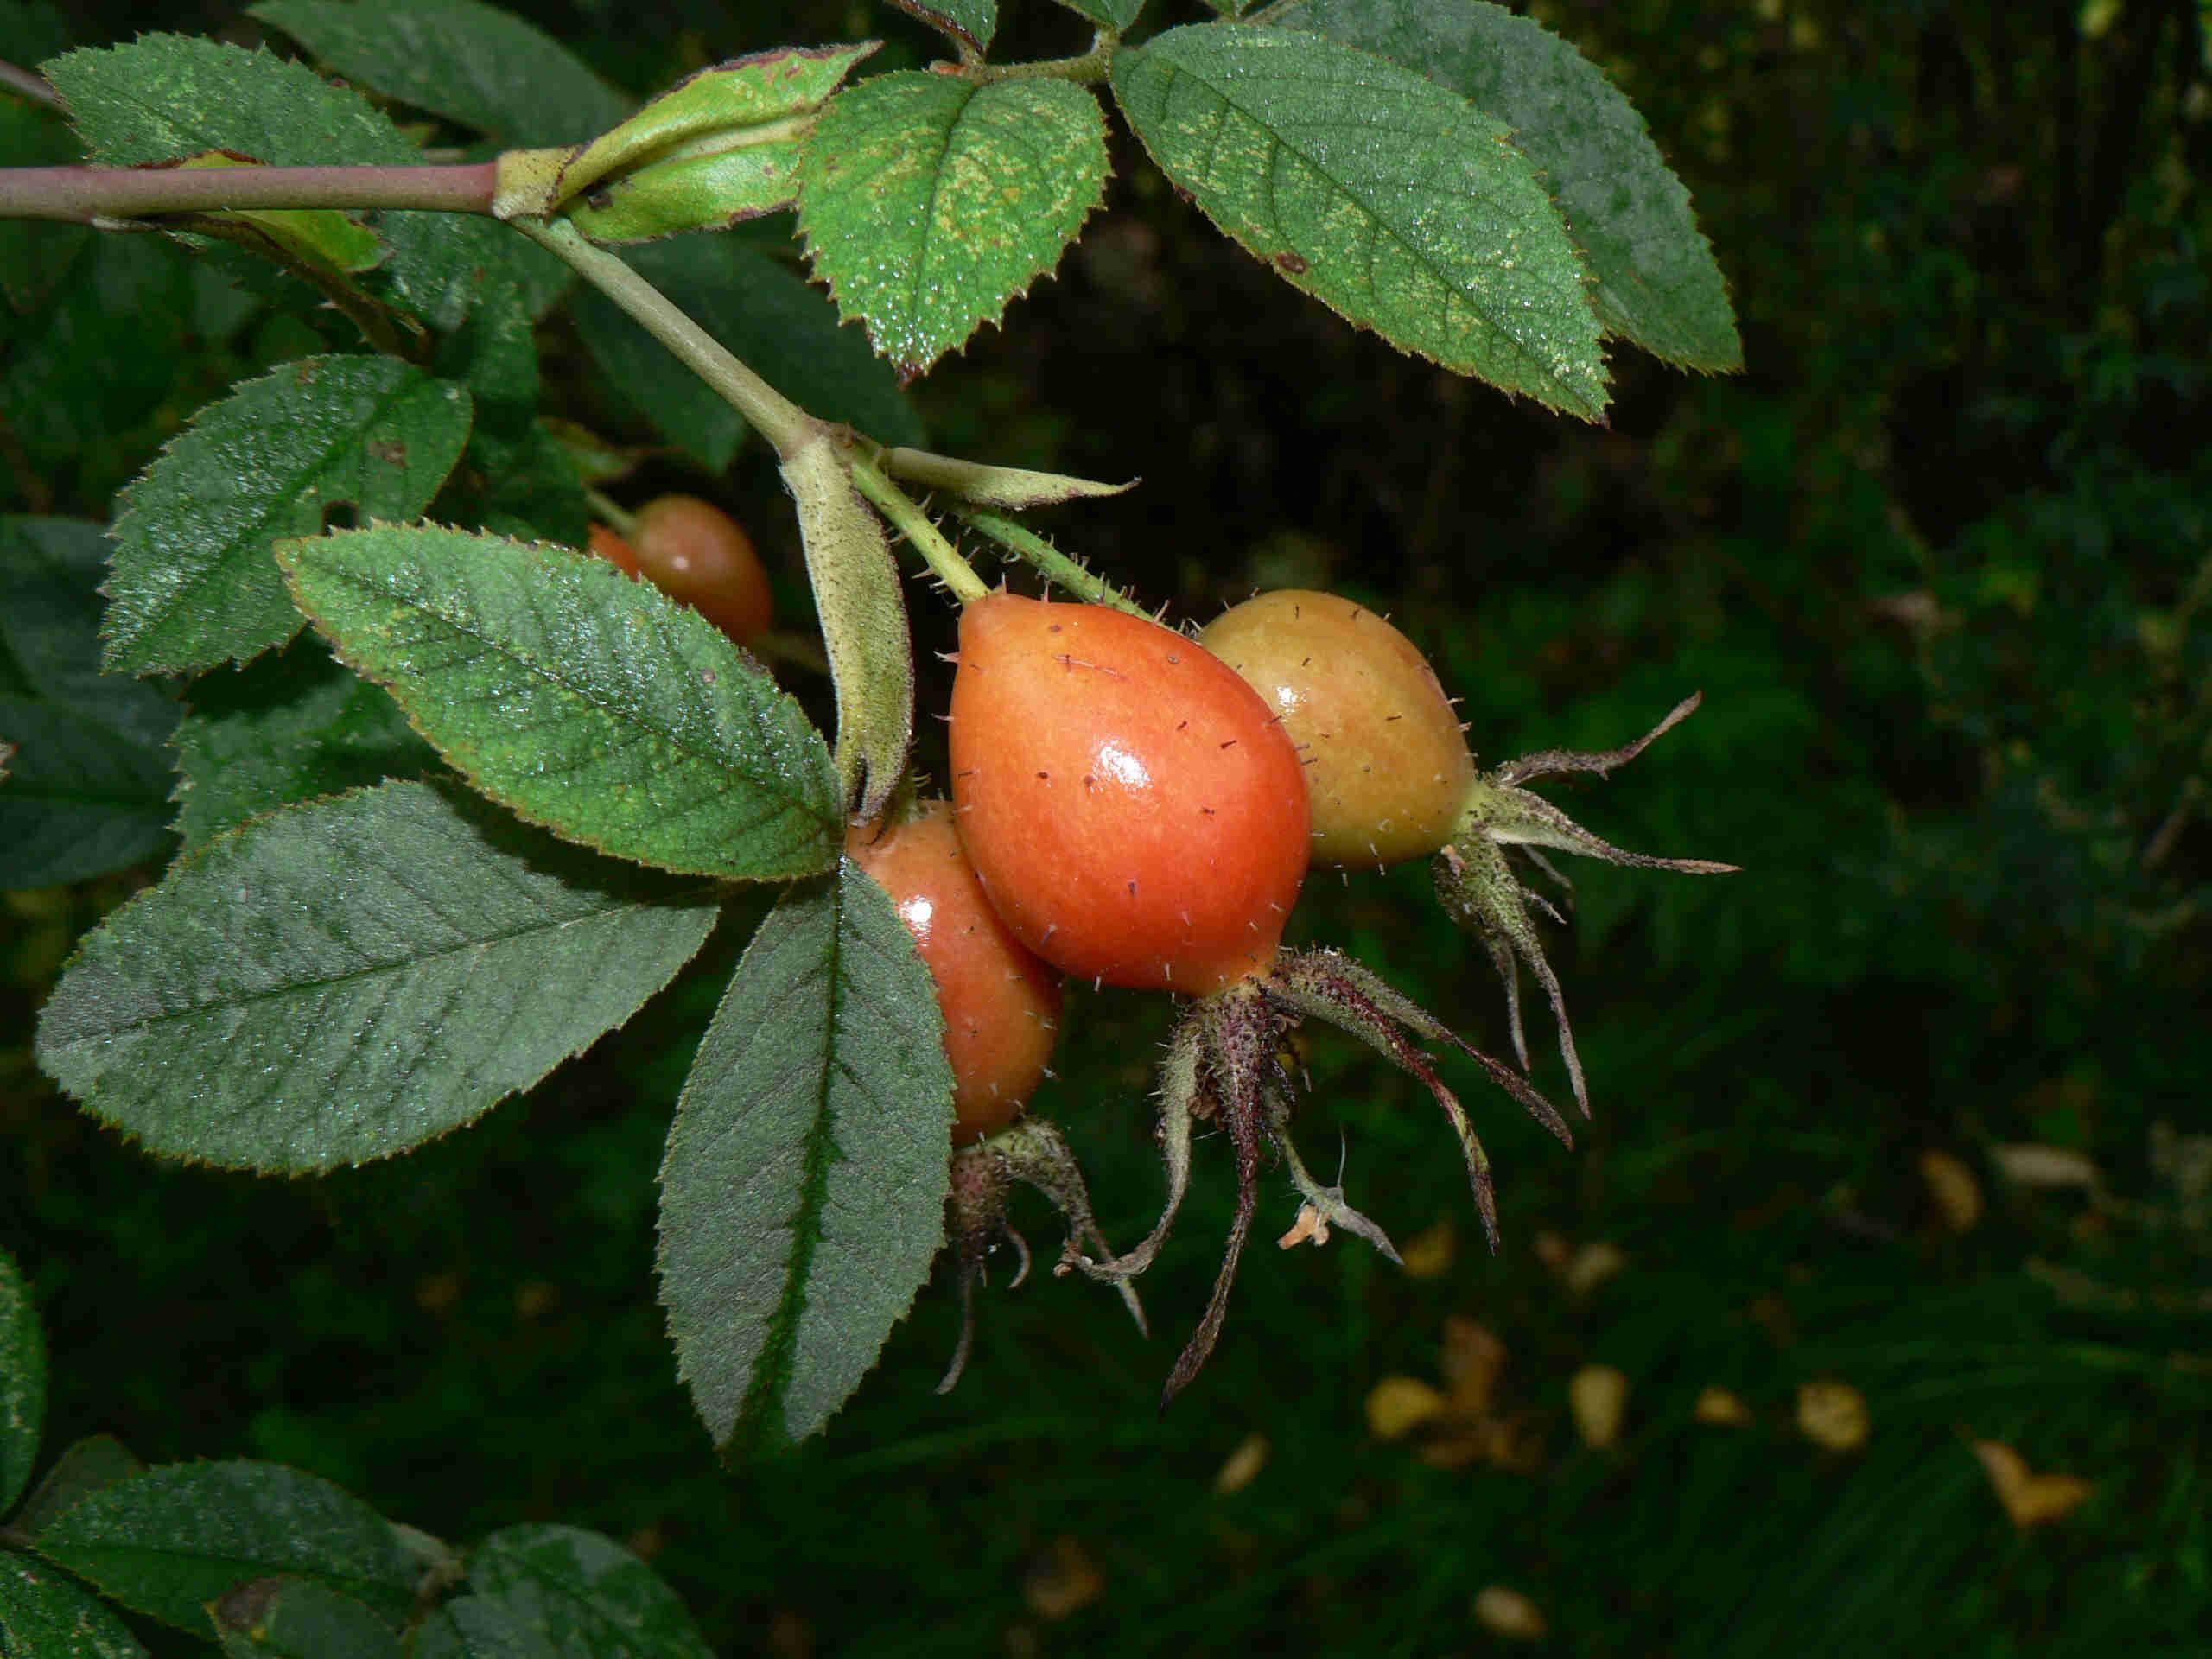 Auf dem Bild sind Blätter und Früchte der Samt-Rose zu sehen.